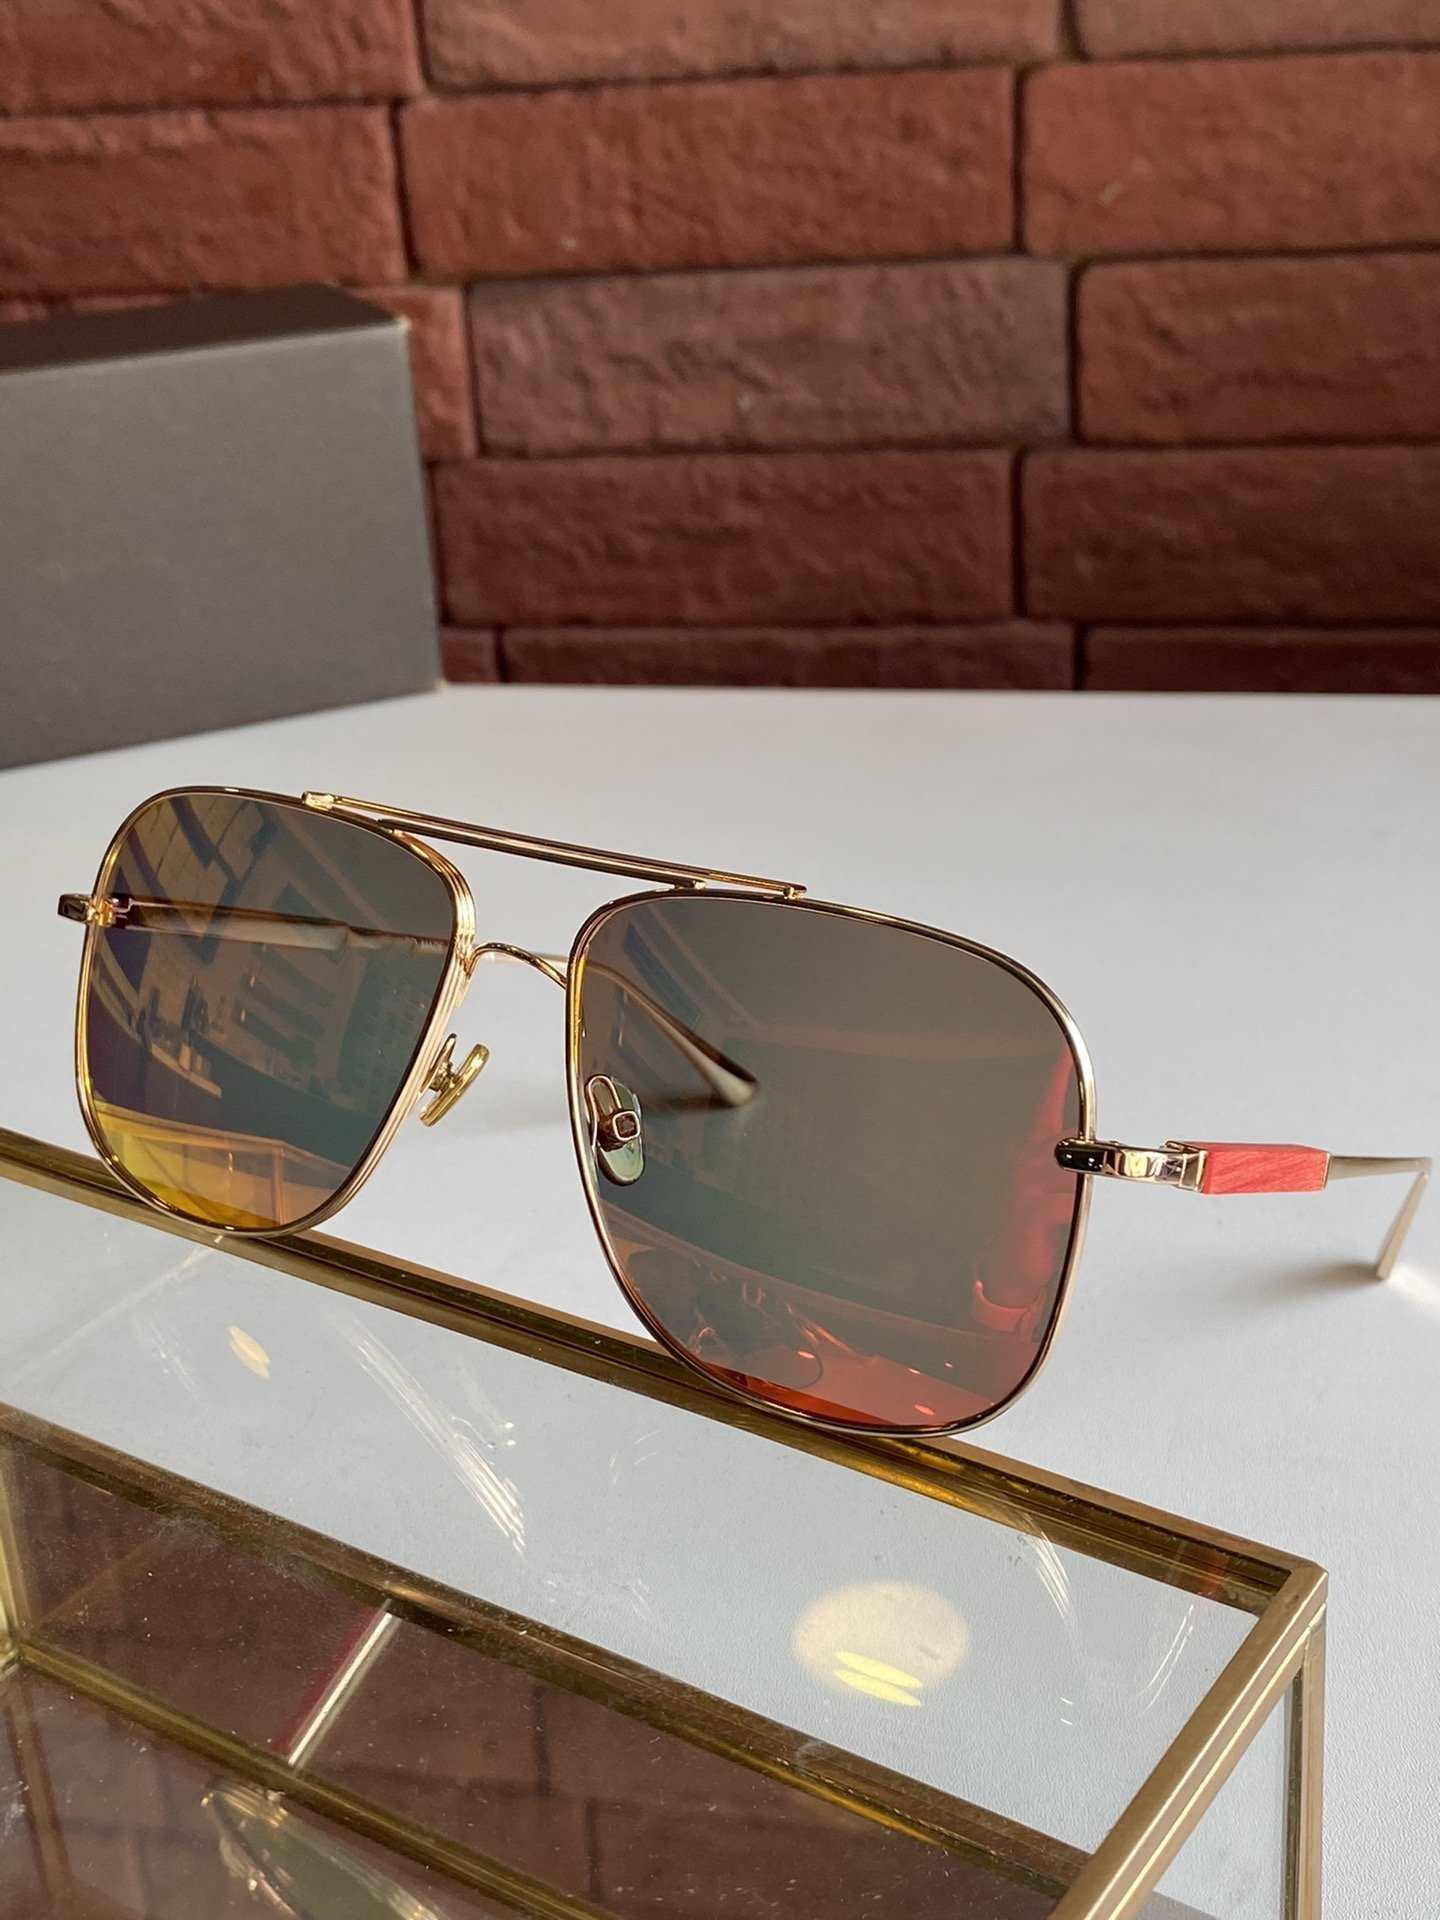 Designer Sonnenbrille für Männer - Luxus-SonnenbrillenFashion Designer Sonnenbrillen Luxus 0669 Damen Designer Sommer Stil Top Qualität UV-Schutz